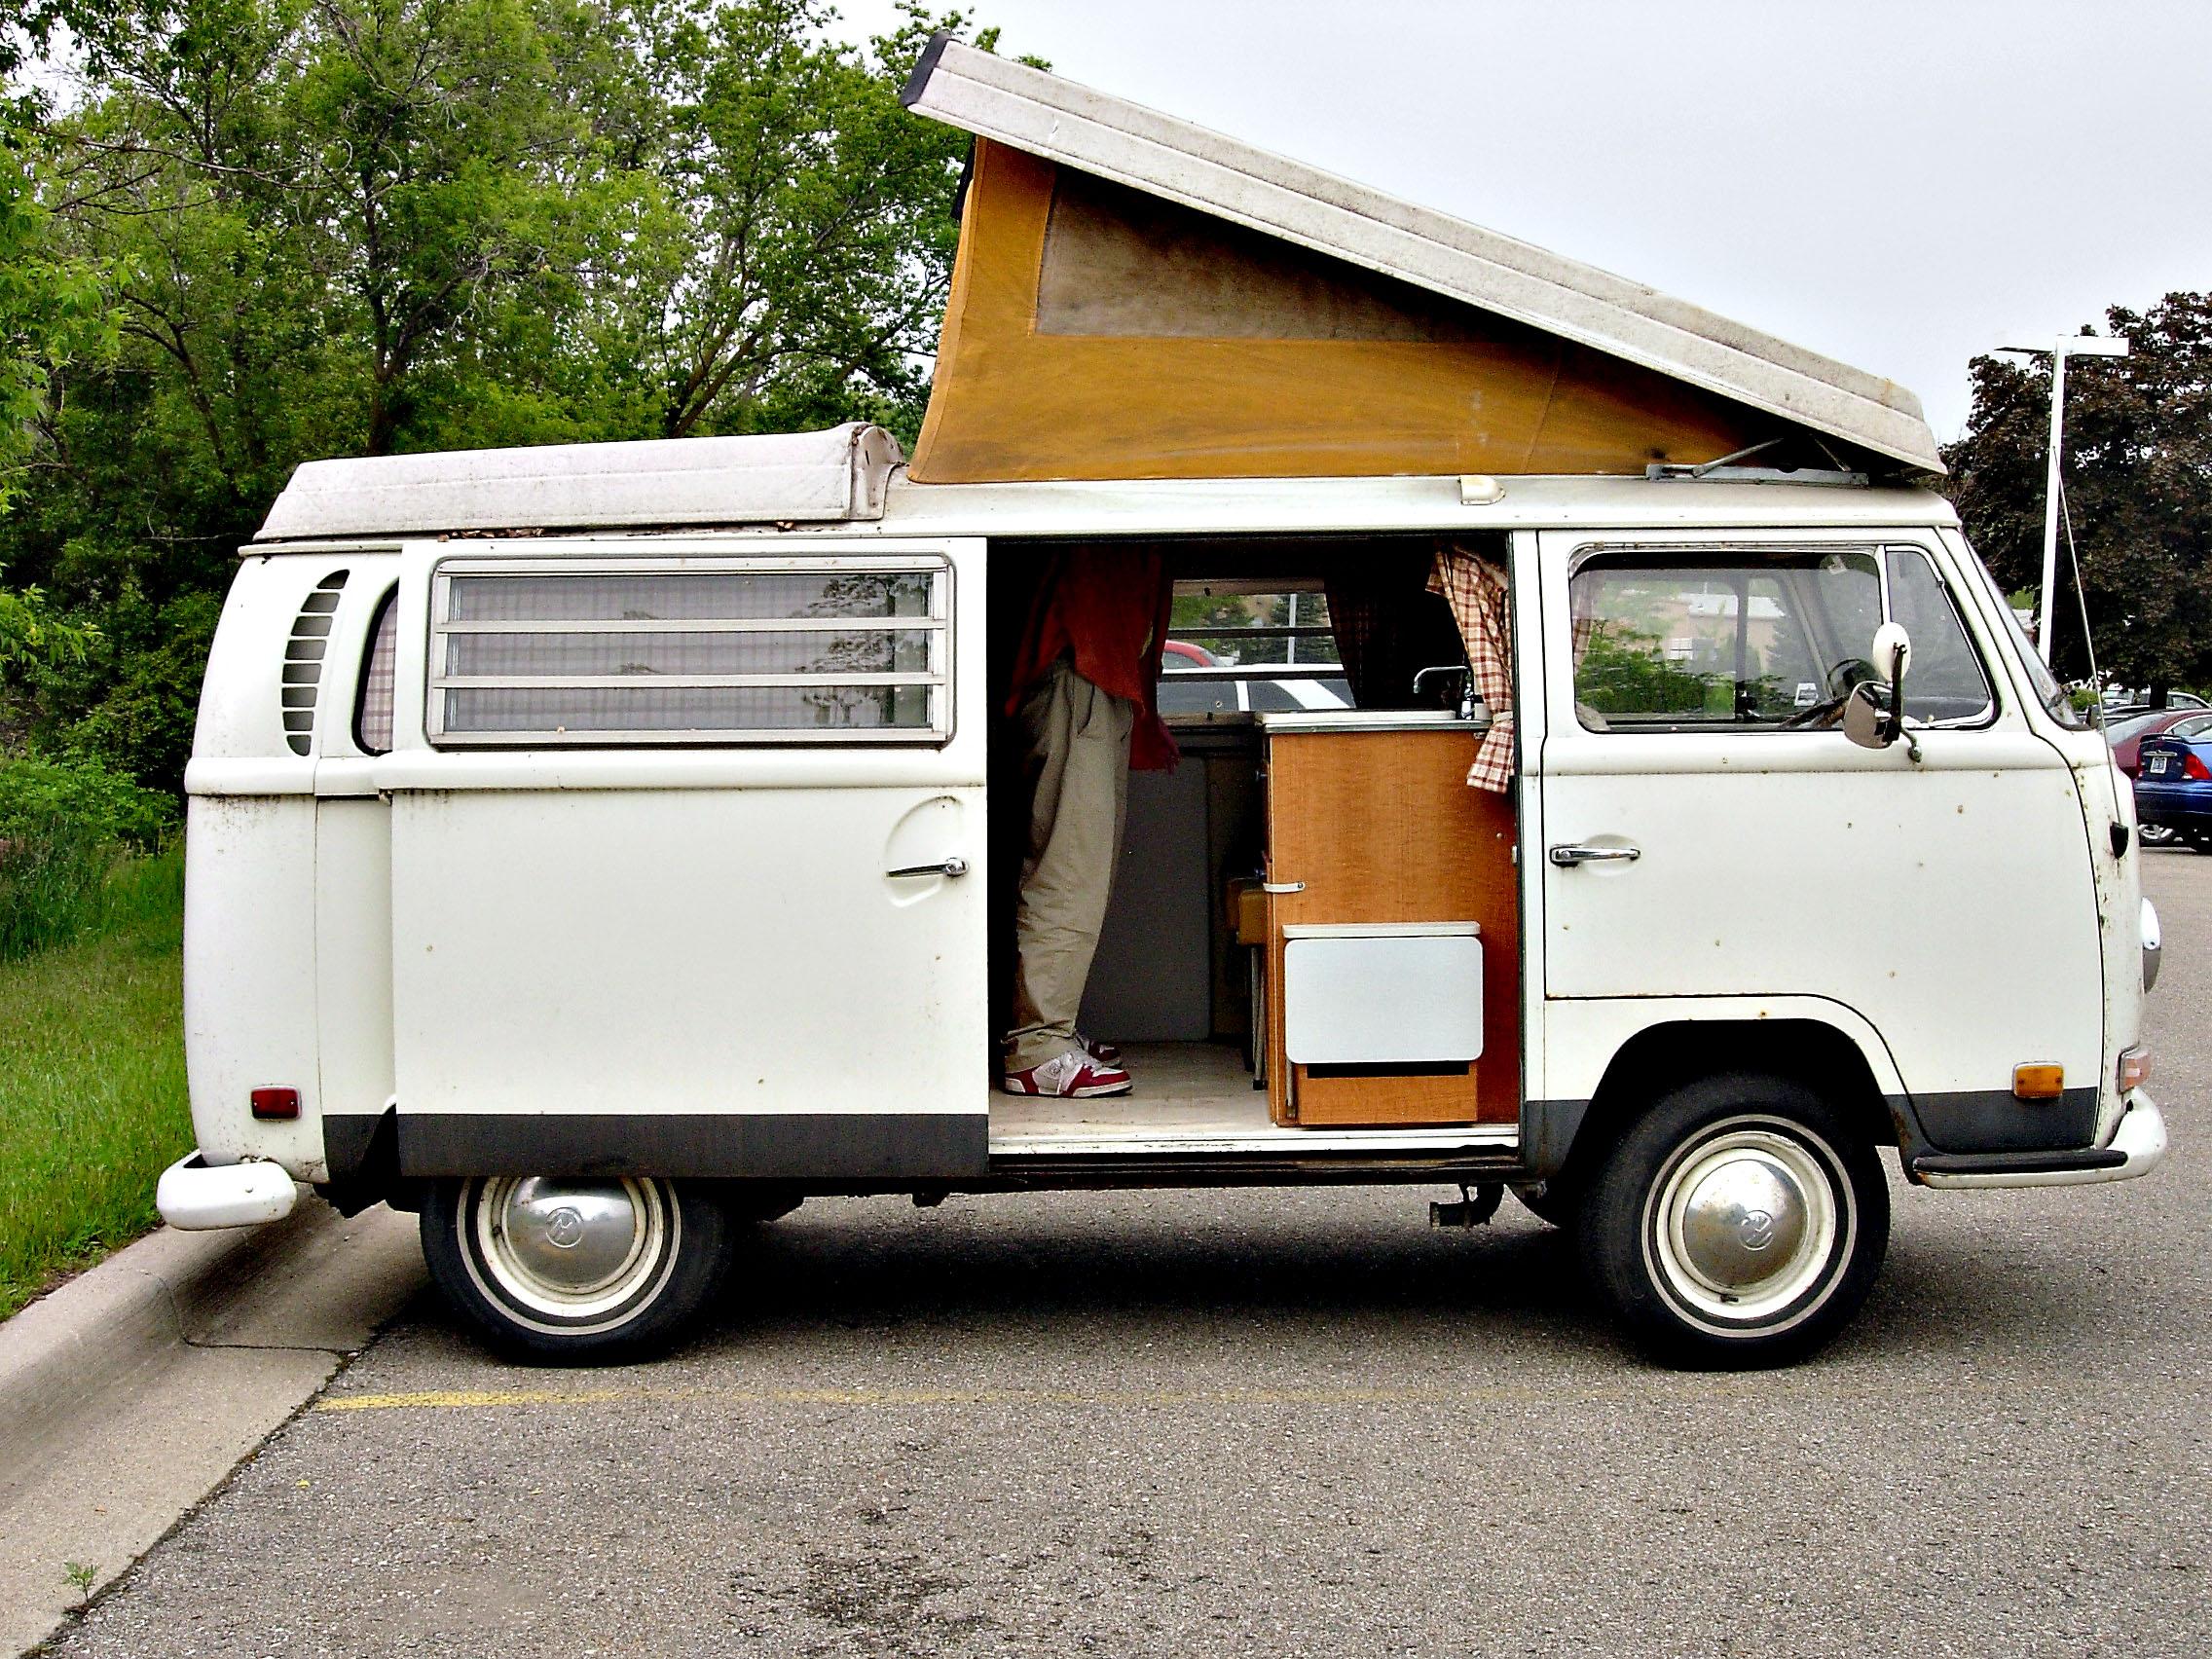 file 1970 volkswagen t2. Black Bedroom Furniture Sets. Home Design Ideas